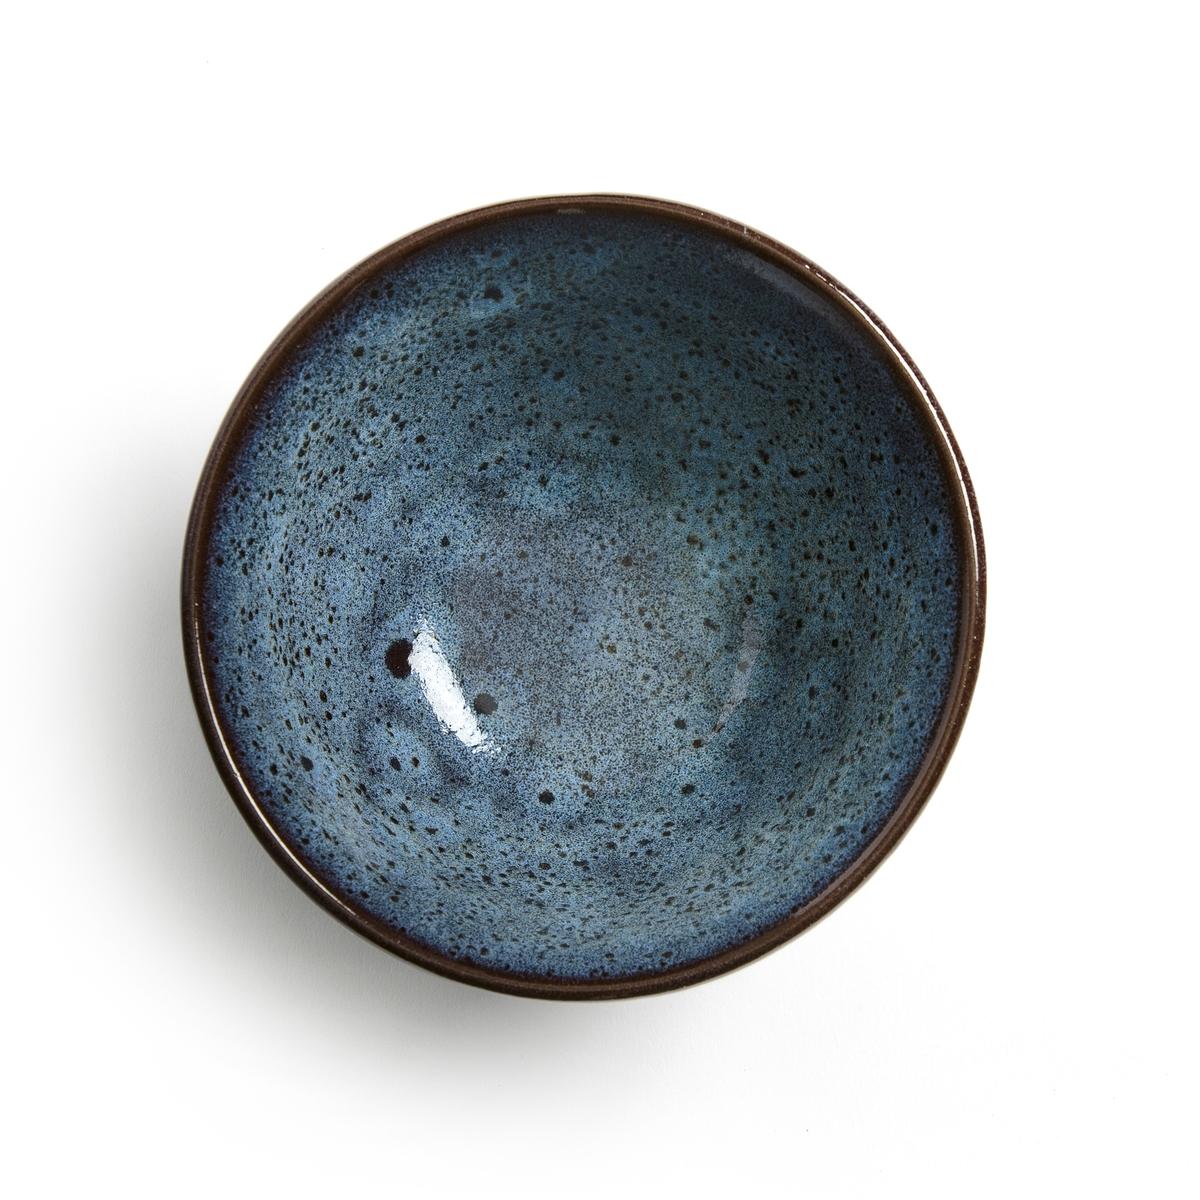 Комплект из чайных чашек La Redoute Из керамики покрытой глазурью Pesgira единый размер синий